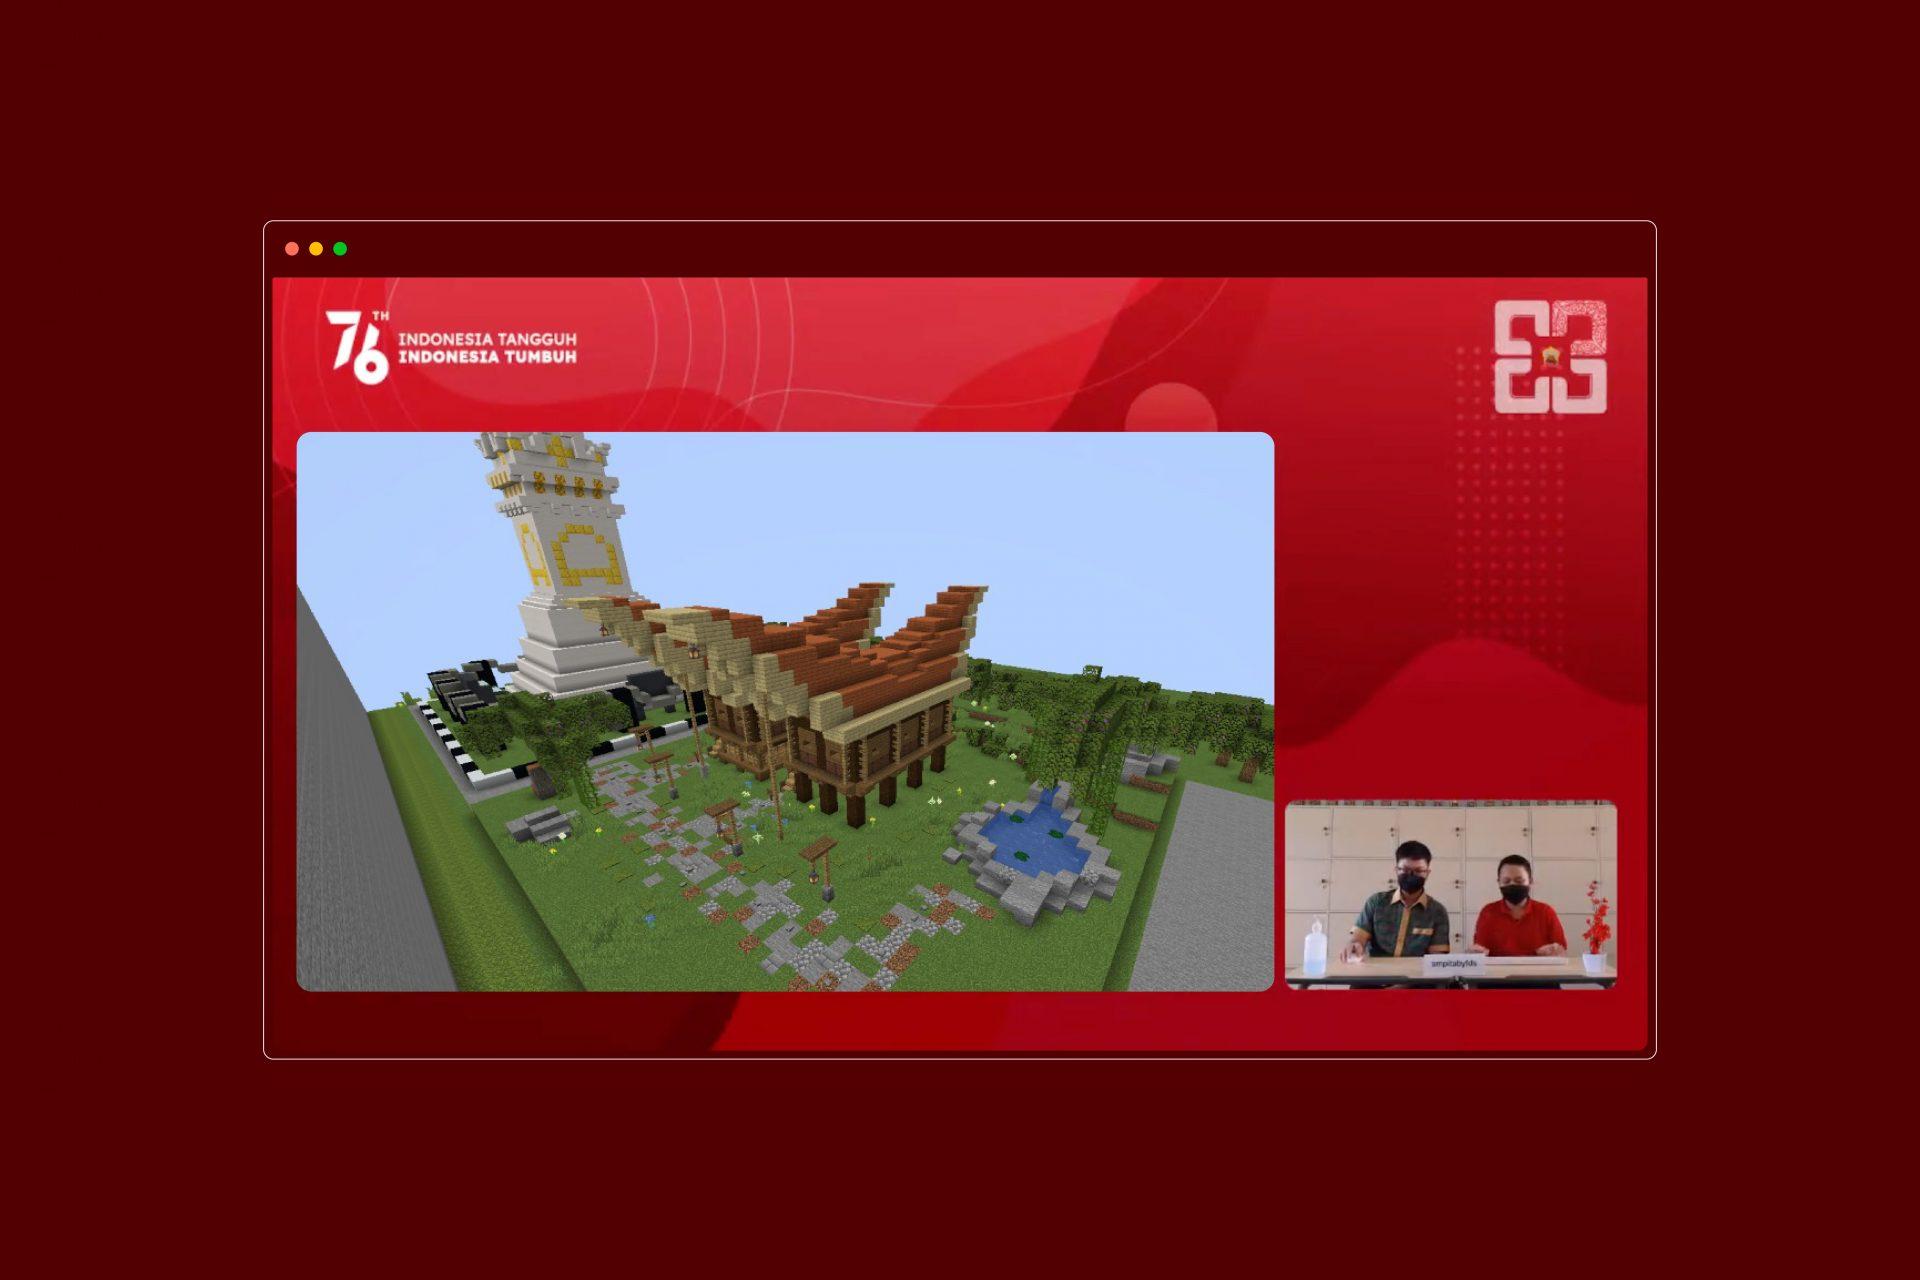 Potret Lomba Agustusan SMPIT Abu Bakar Fullday School, dari Lomba Minecraft Build hingga Tarik Tambang Online